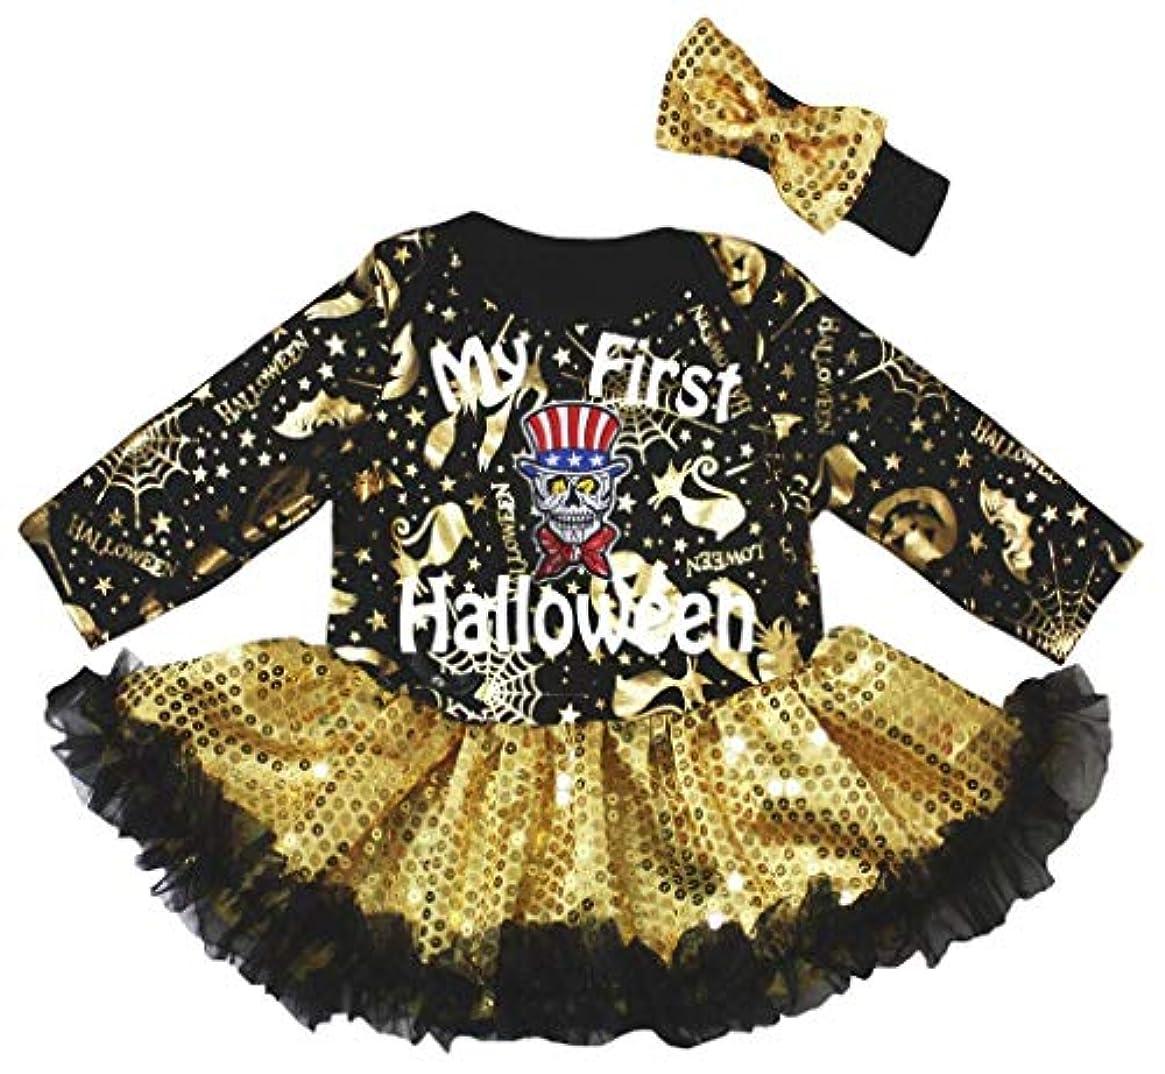 科学殺人フィッティング[キッズコーナー] ハロウィン My First Halloween ゴールド パンプキン 長袖 子供コスチューム、子供のチュチュ、ベビー服、女の子のワンピースドレス Nb-18m (ブラック, Small) [並行輸入品]